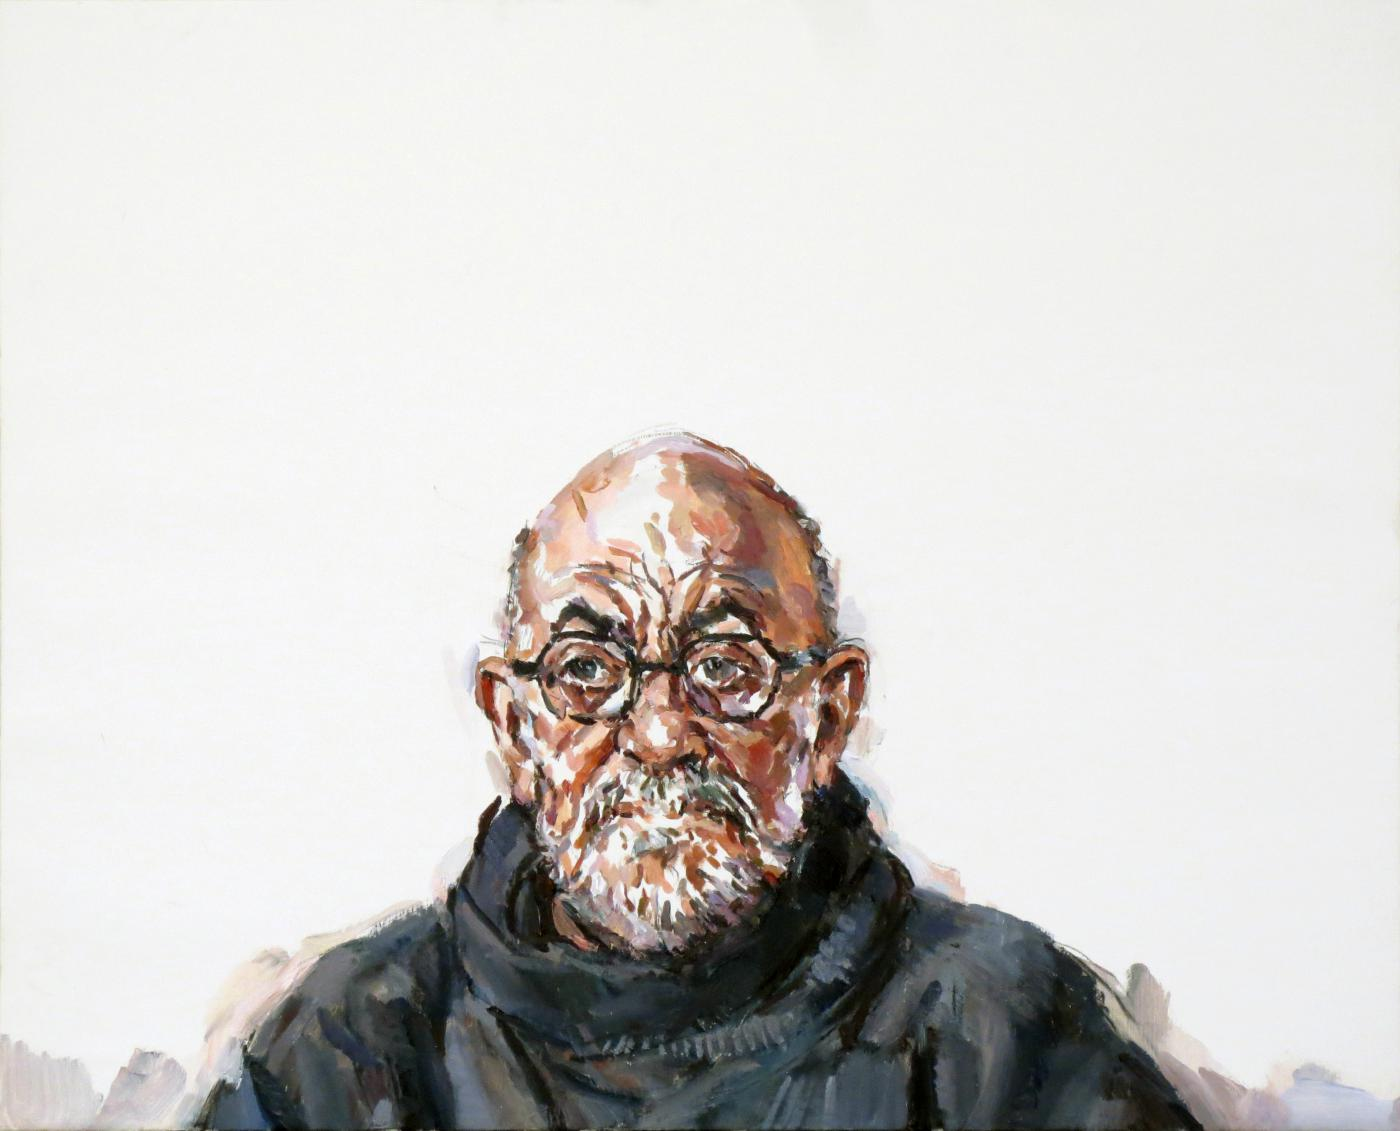 'Rick' Lewis Miller